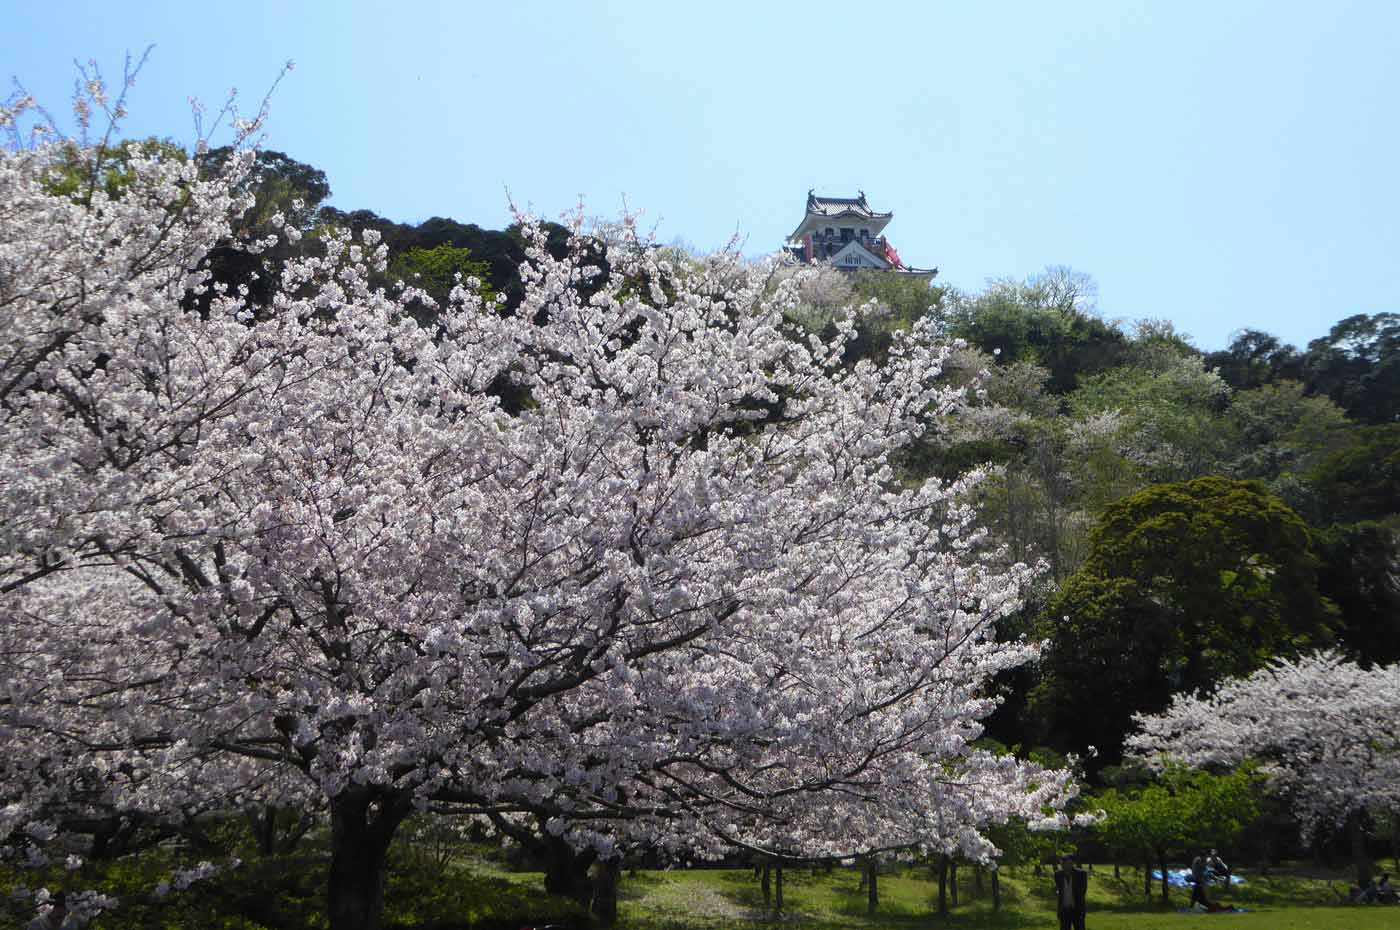 駐車場付近から館山城を撮影